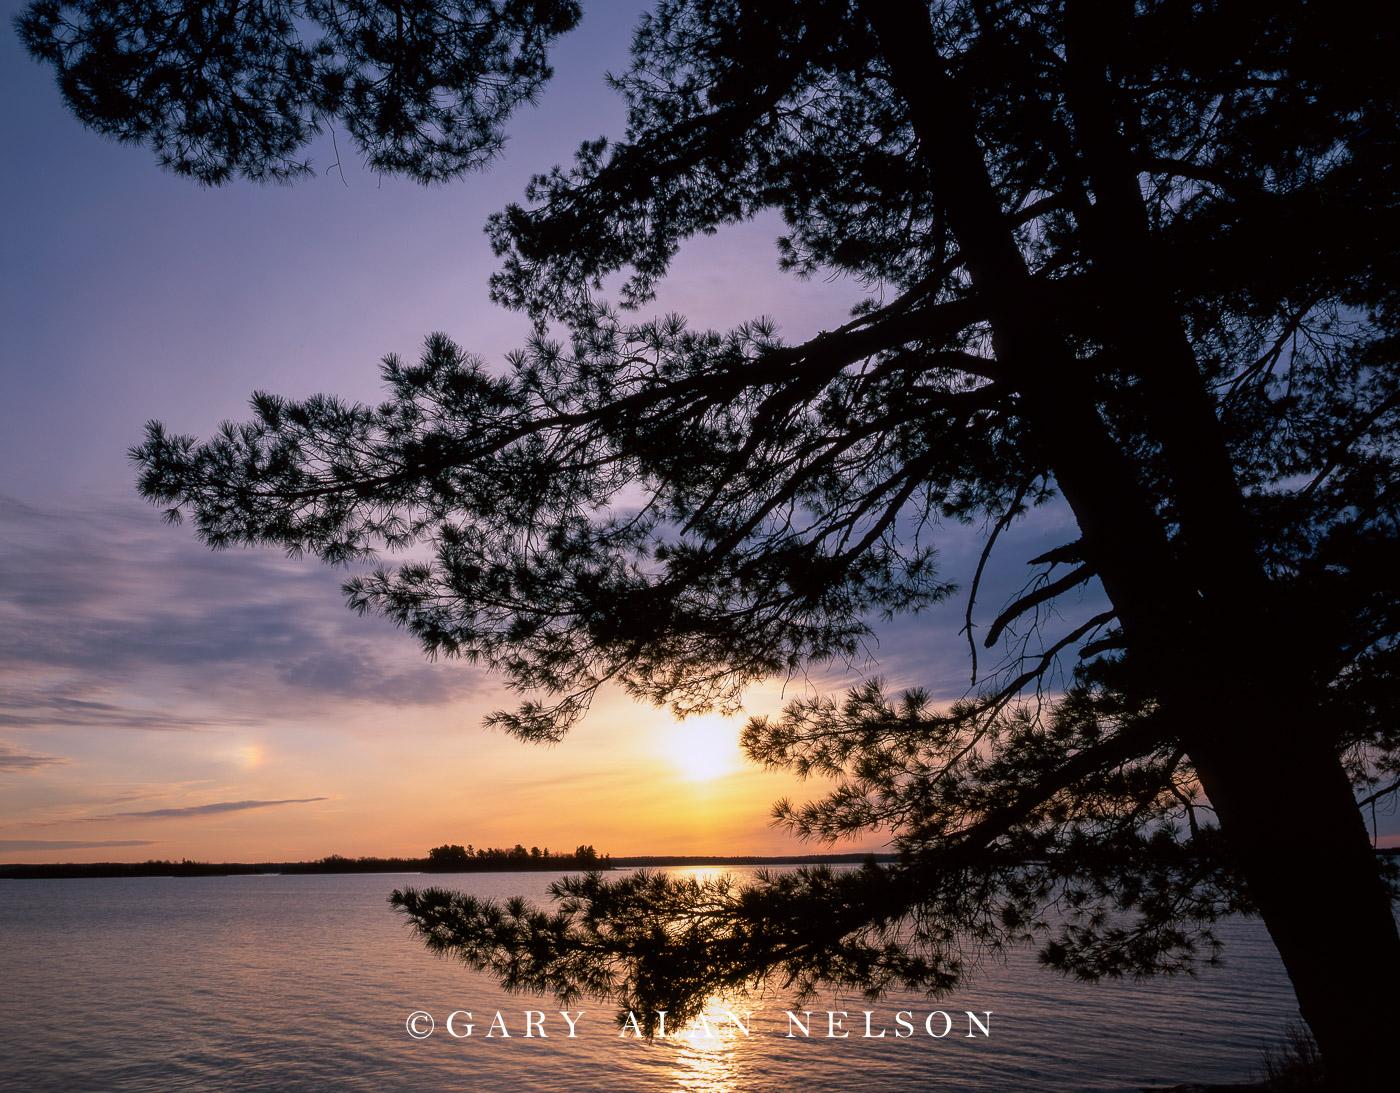 voyageurs national park, minnesota, white pine, kabetogama lake   , photo